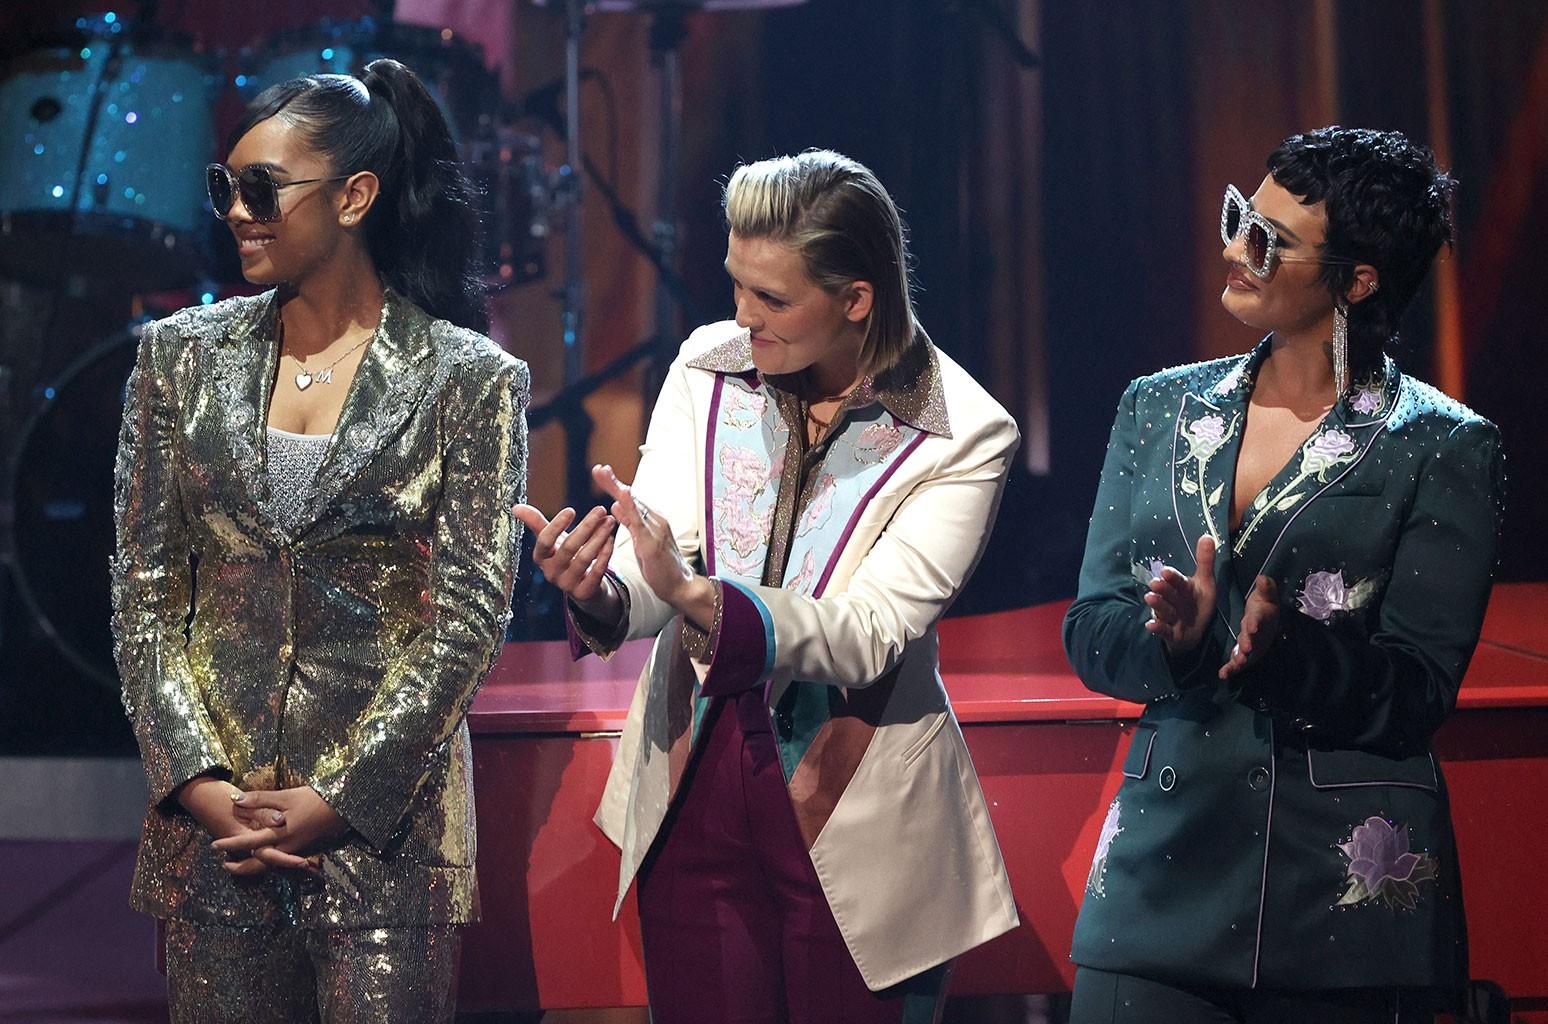 H.E.R., Brandi Carlile, Demi Lovato